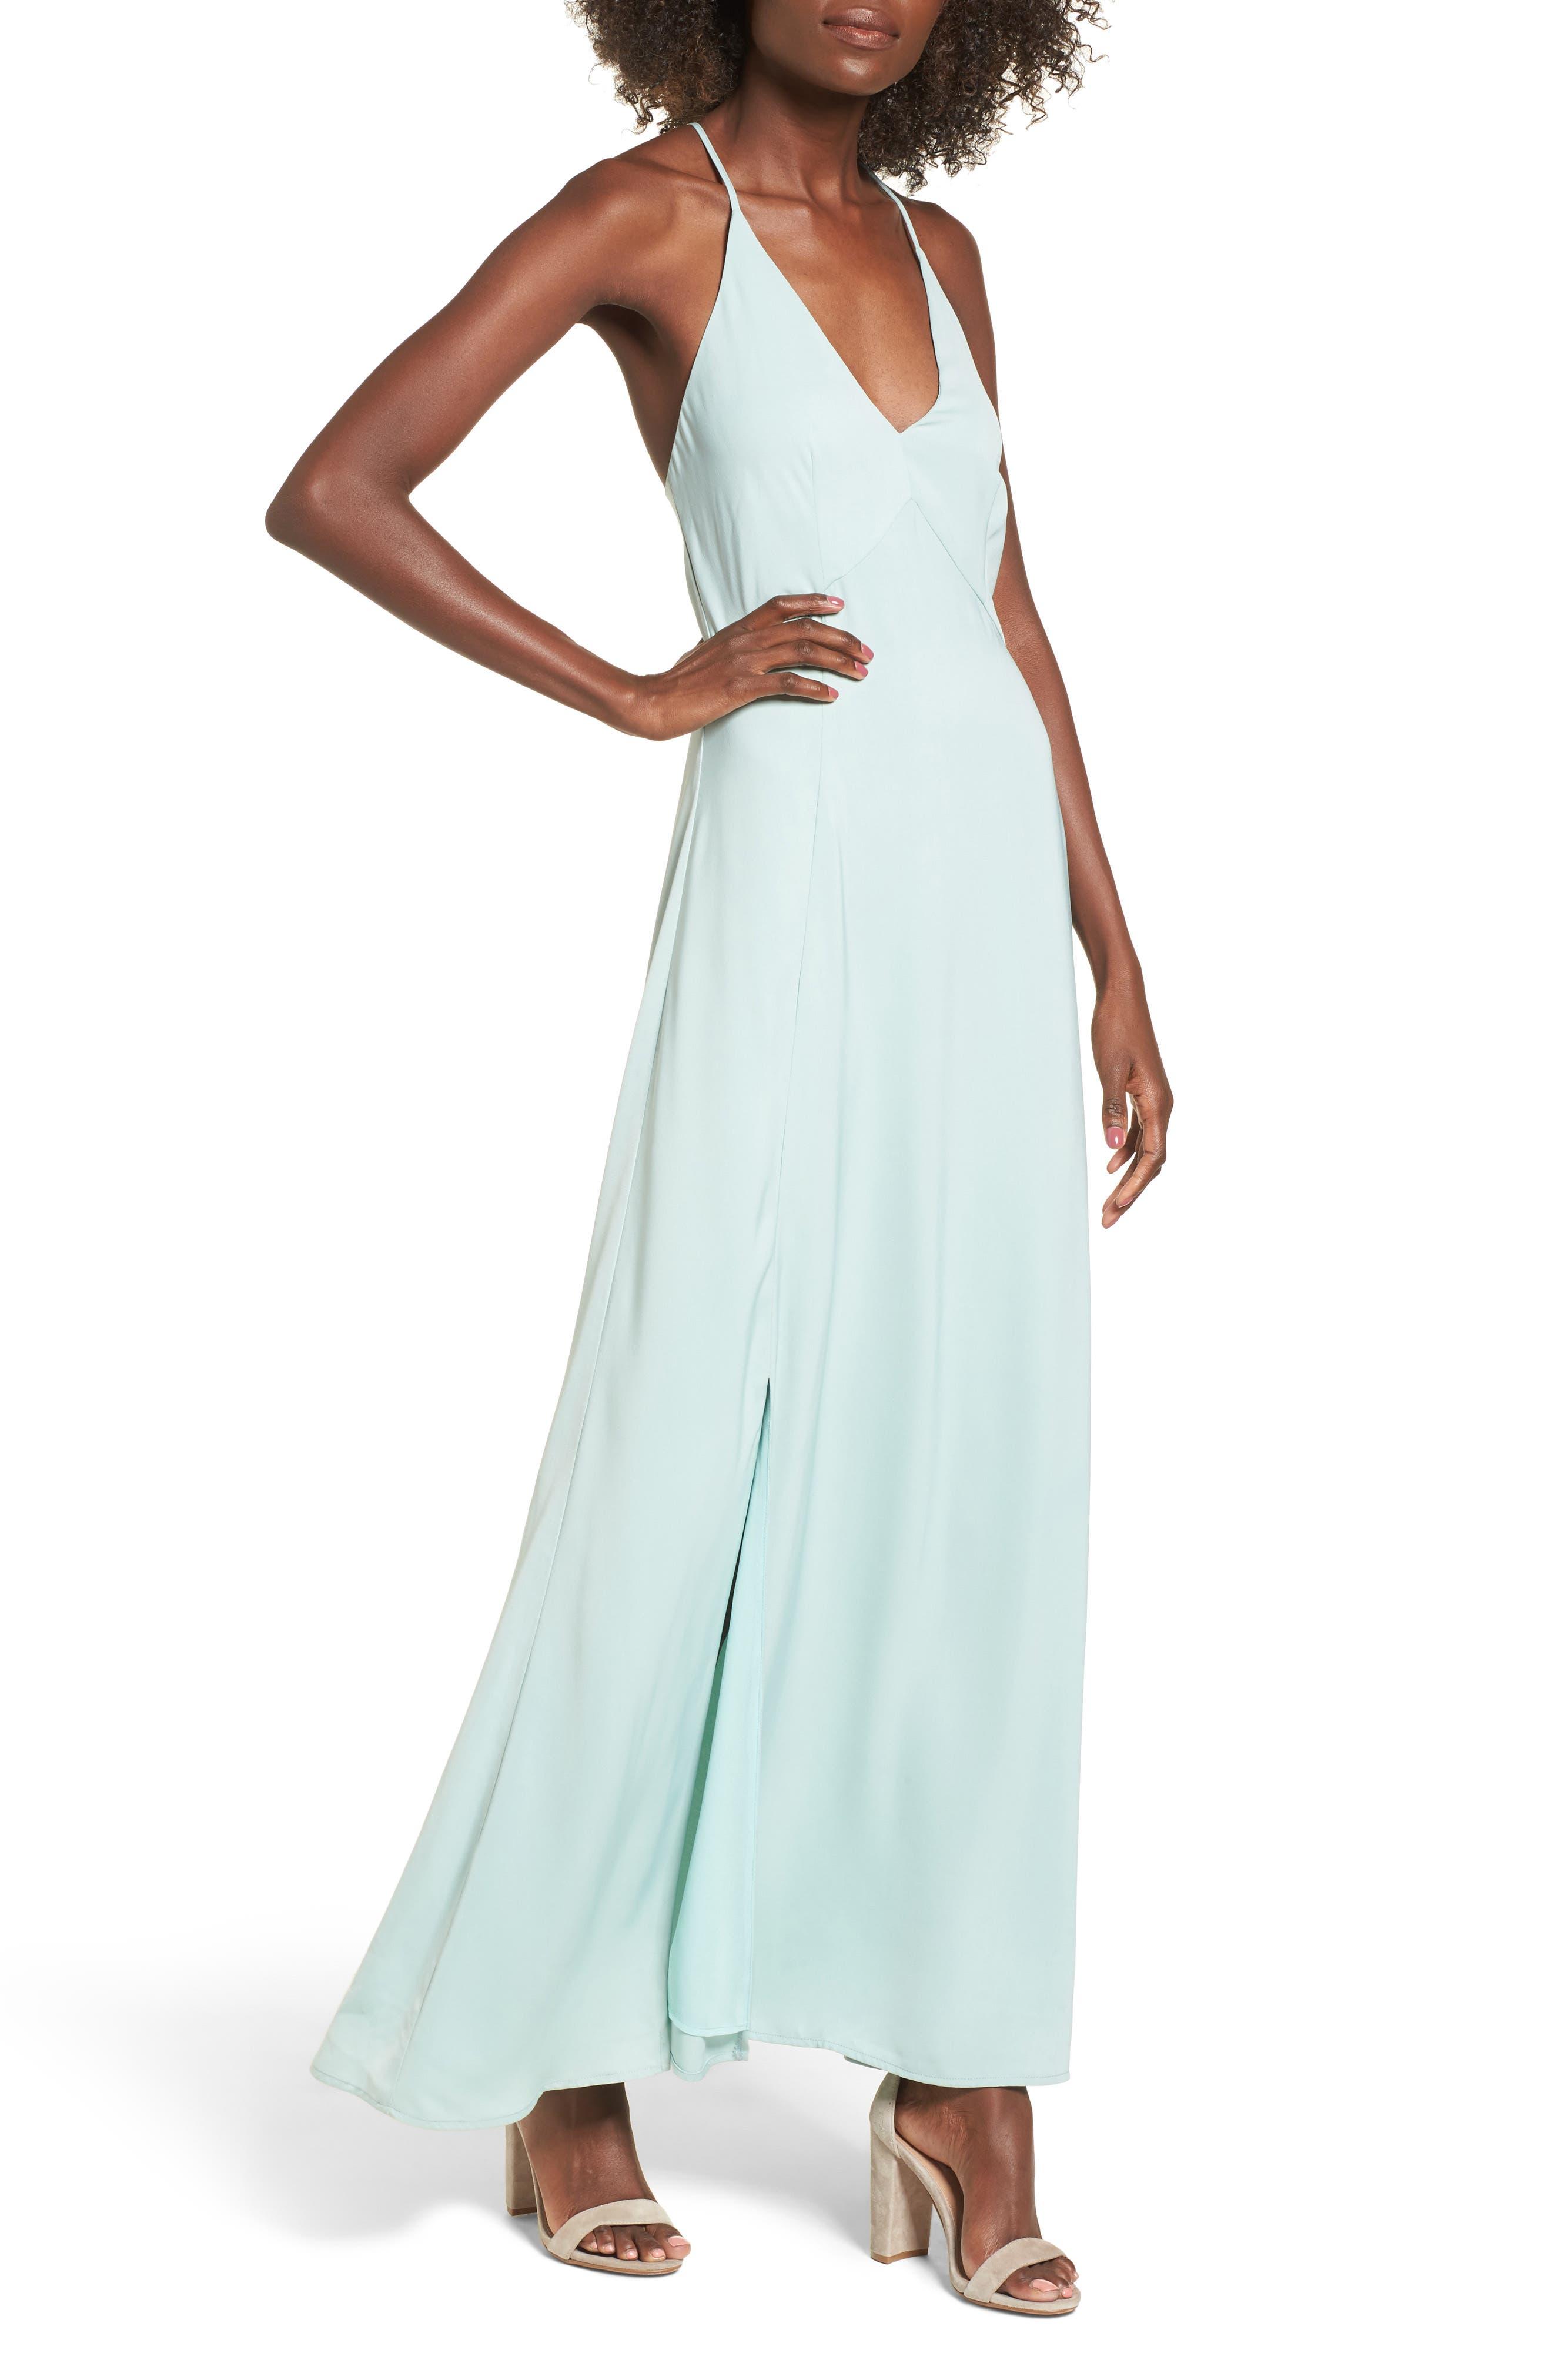 STOREE Maxi Dress